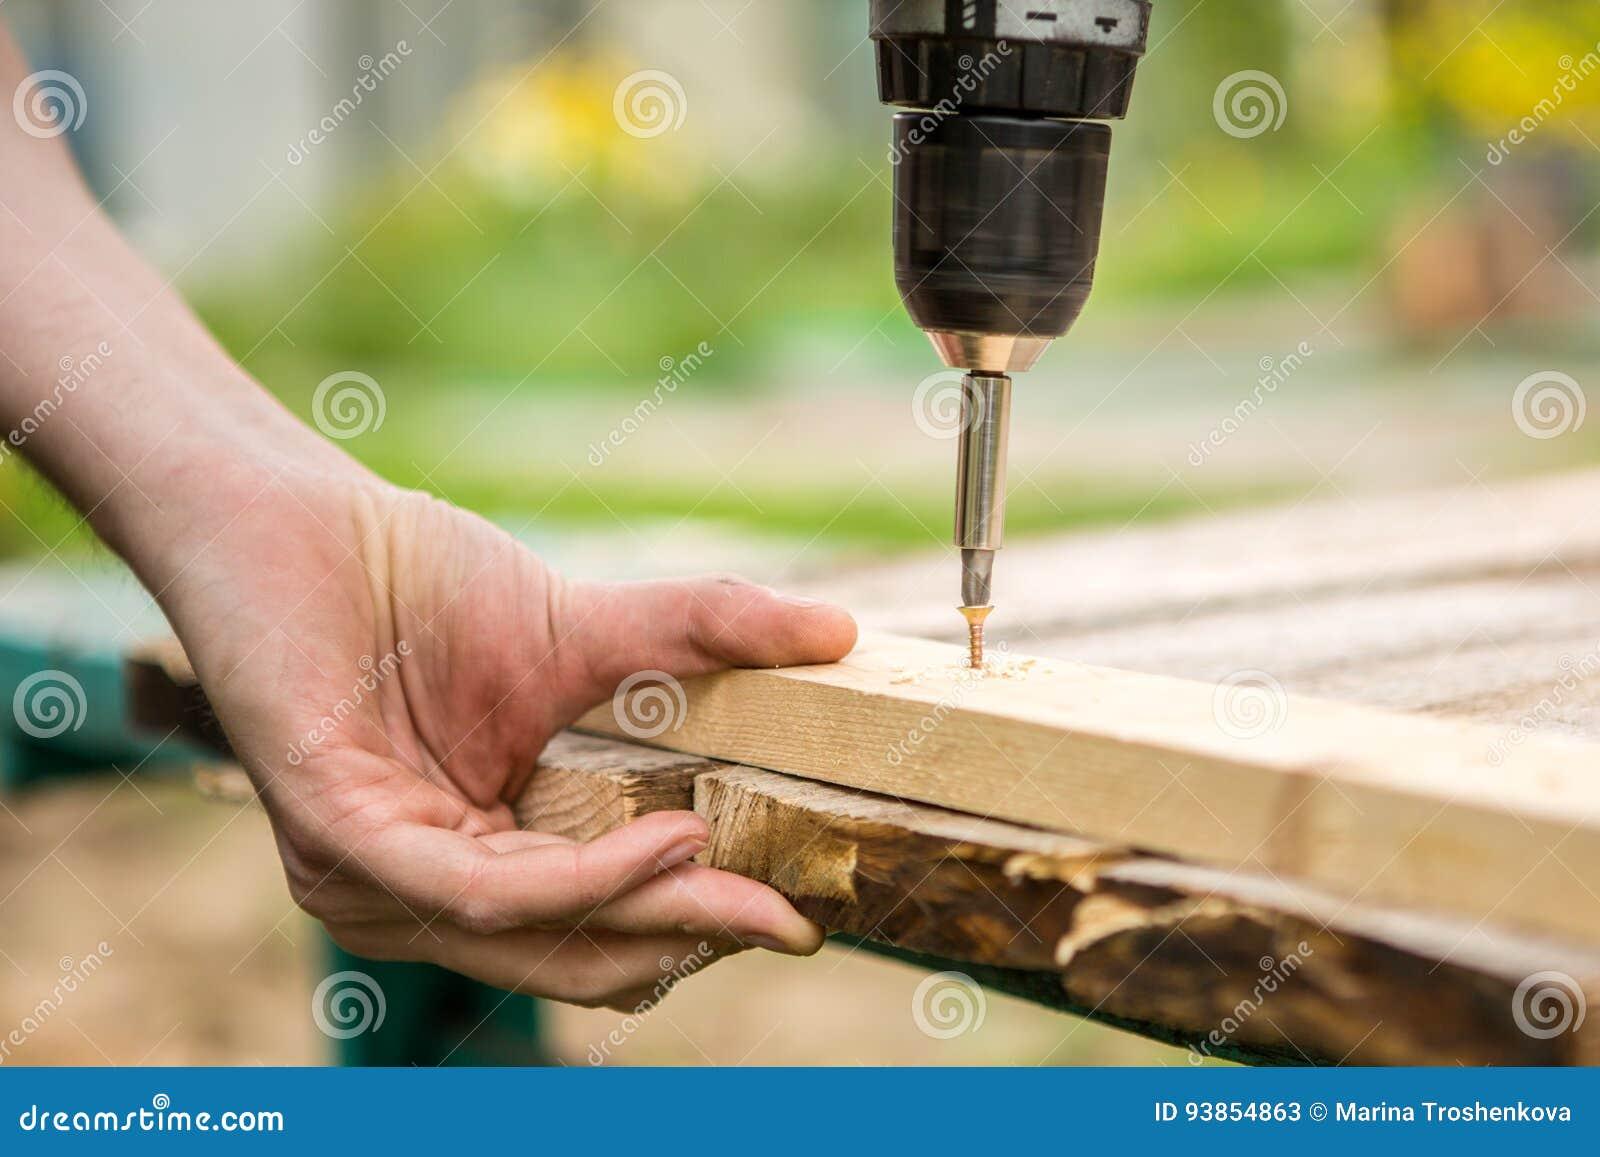 Uomo che lavora con un cacciavite elettrico